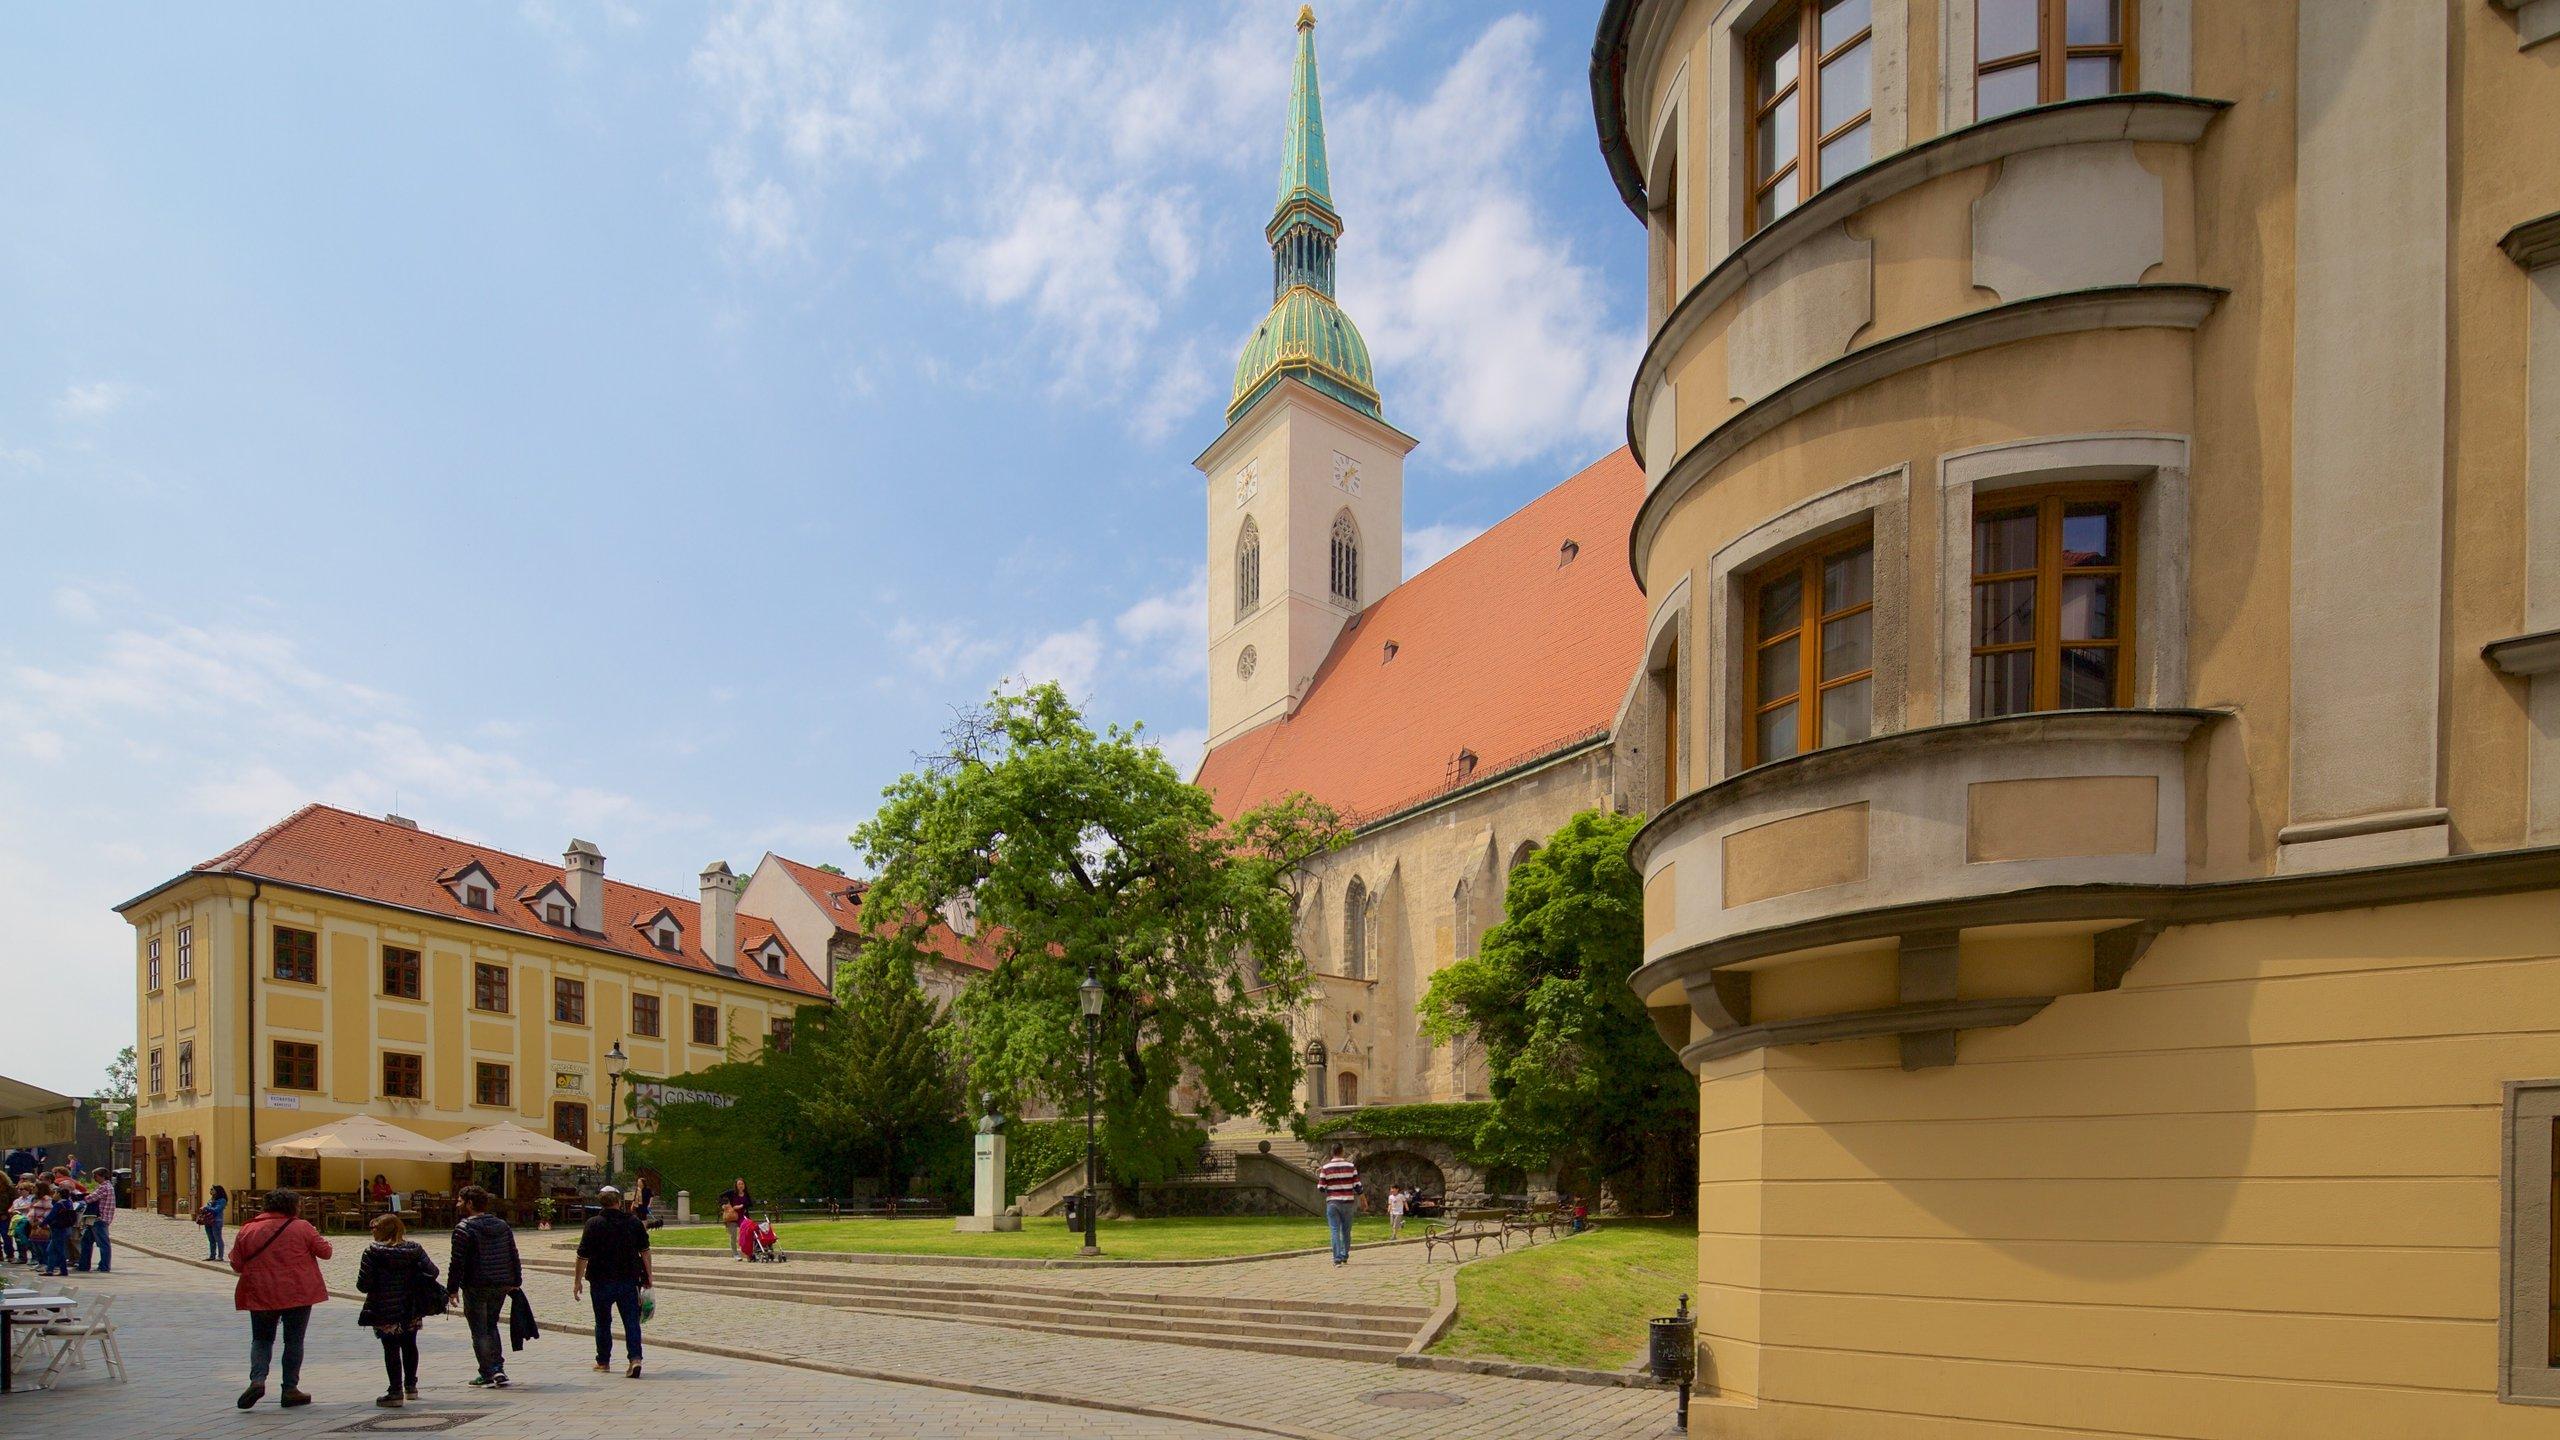 De adembenemende St. Martinus-kathedraal is een ware blikvanger in de skyline van Bratislava en weet zowel nieuwsgierige als religieuze bezoekers te trekken.